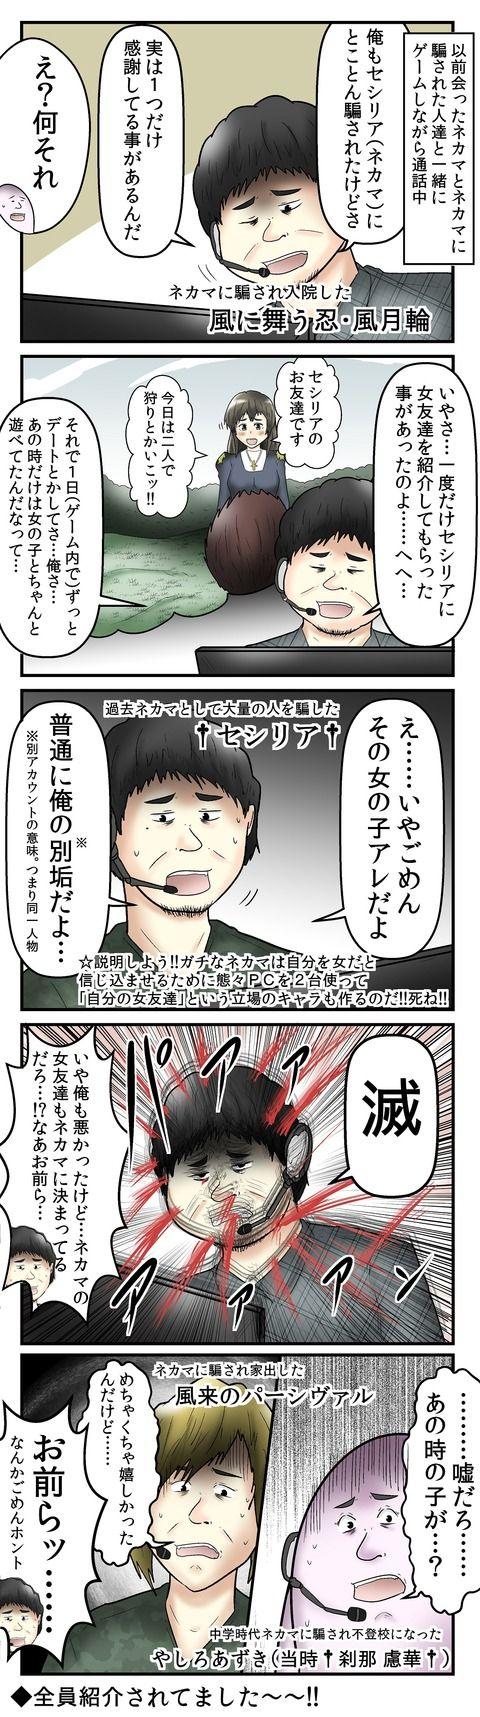 ネカマ 漫画 オフ